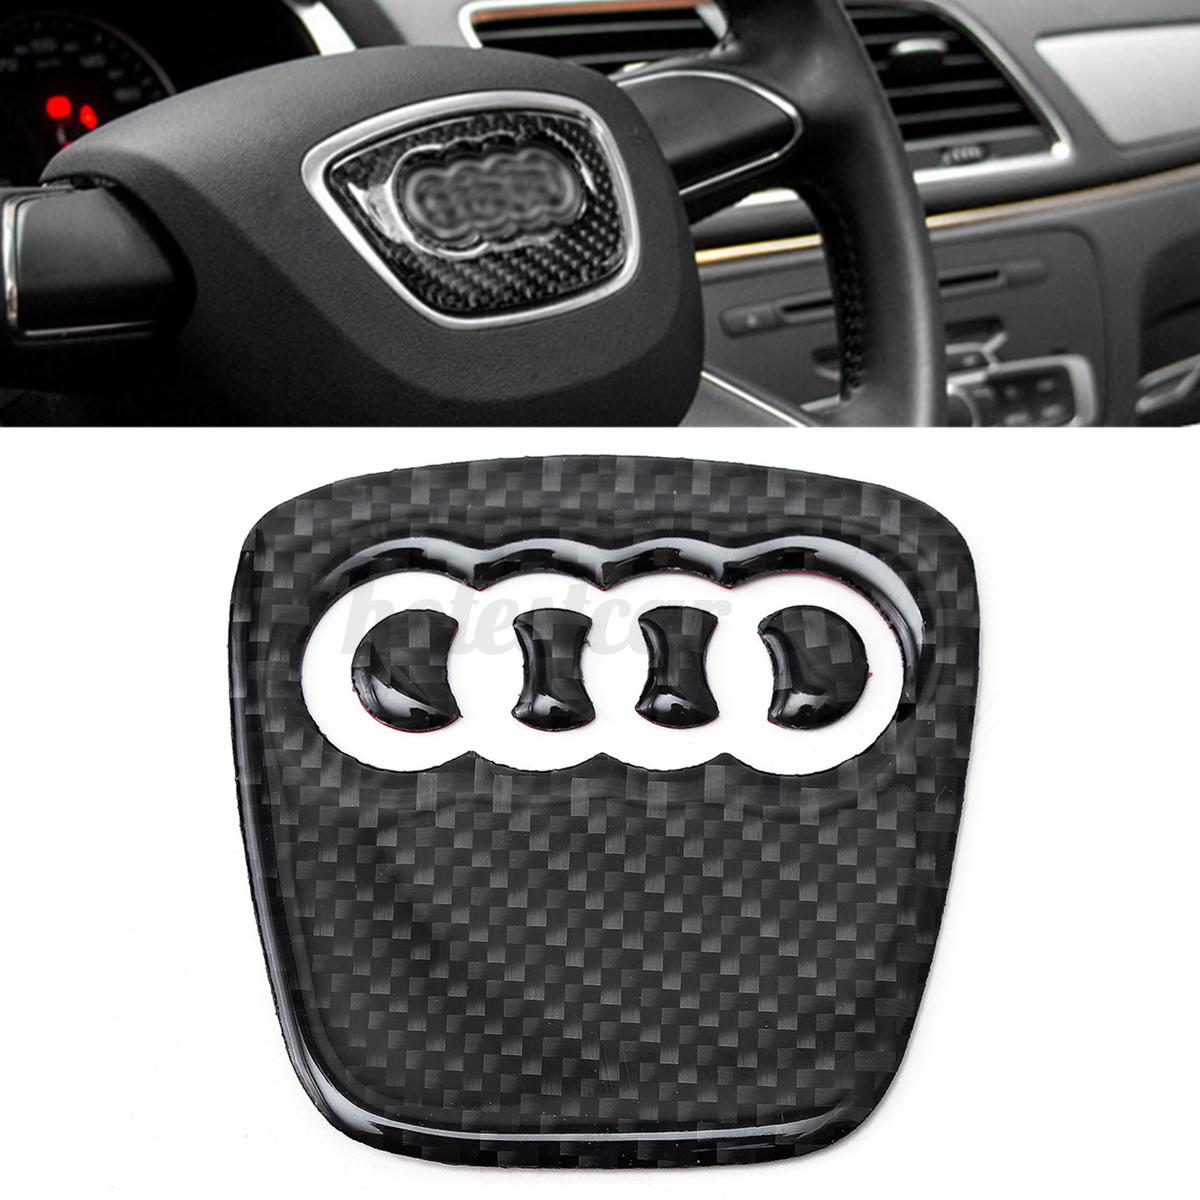 Carbon Fiber Steering Wheel Badge Emblem Sticker Decal For Audi A4 S4 A5 Q5 For Sale Online Ebay